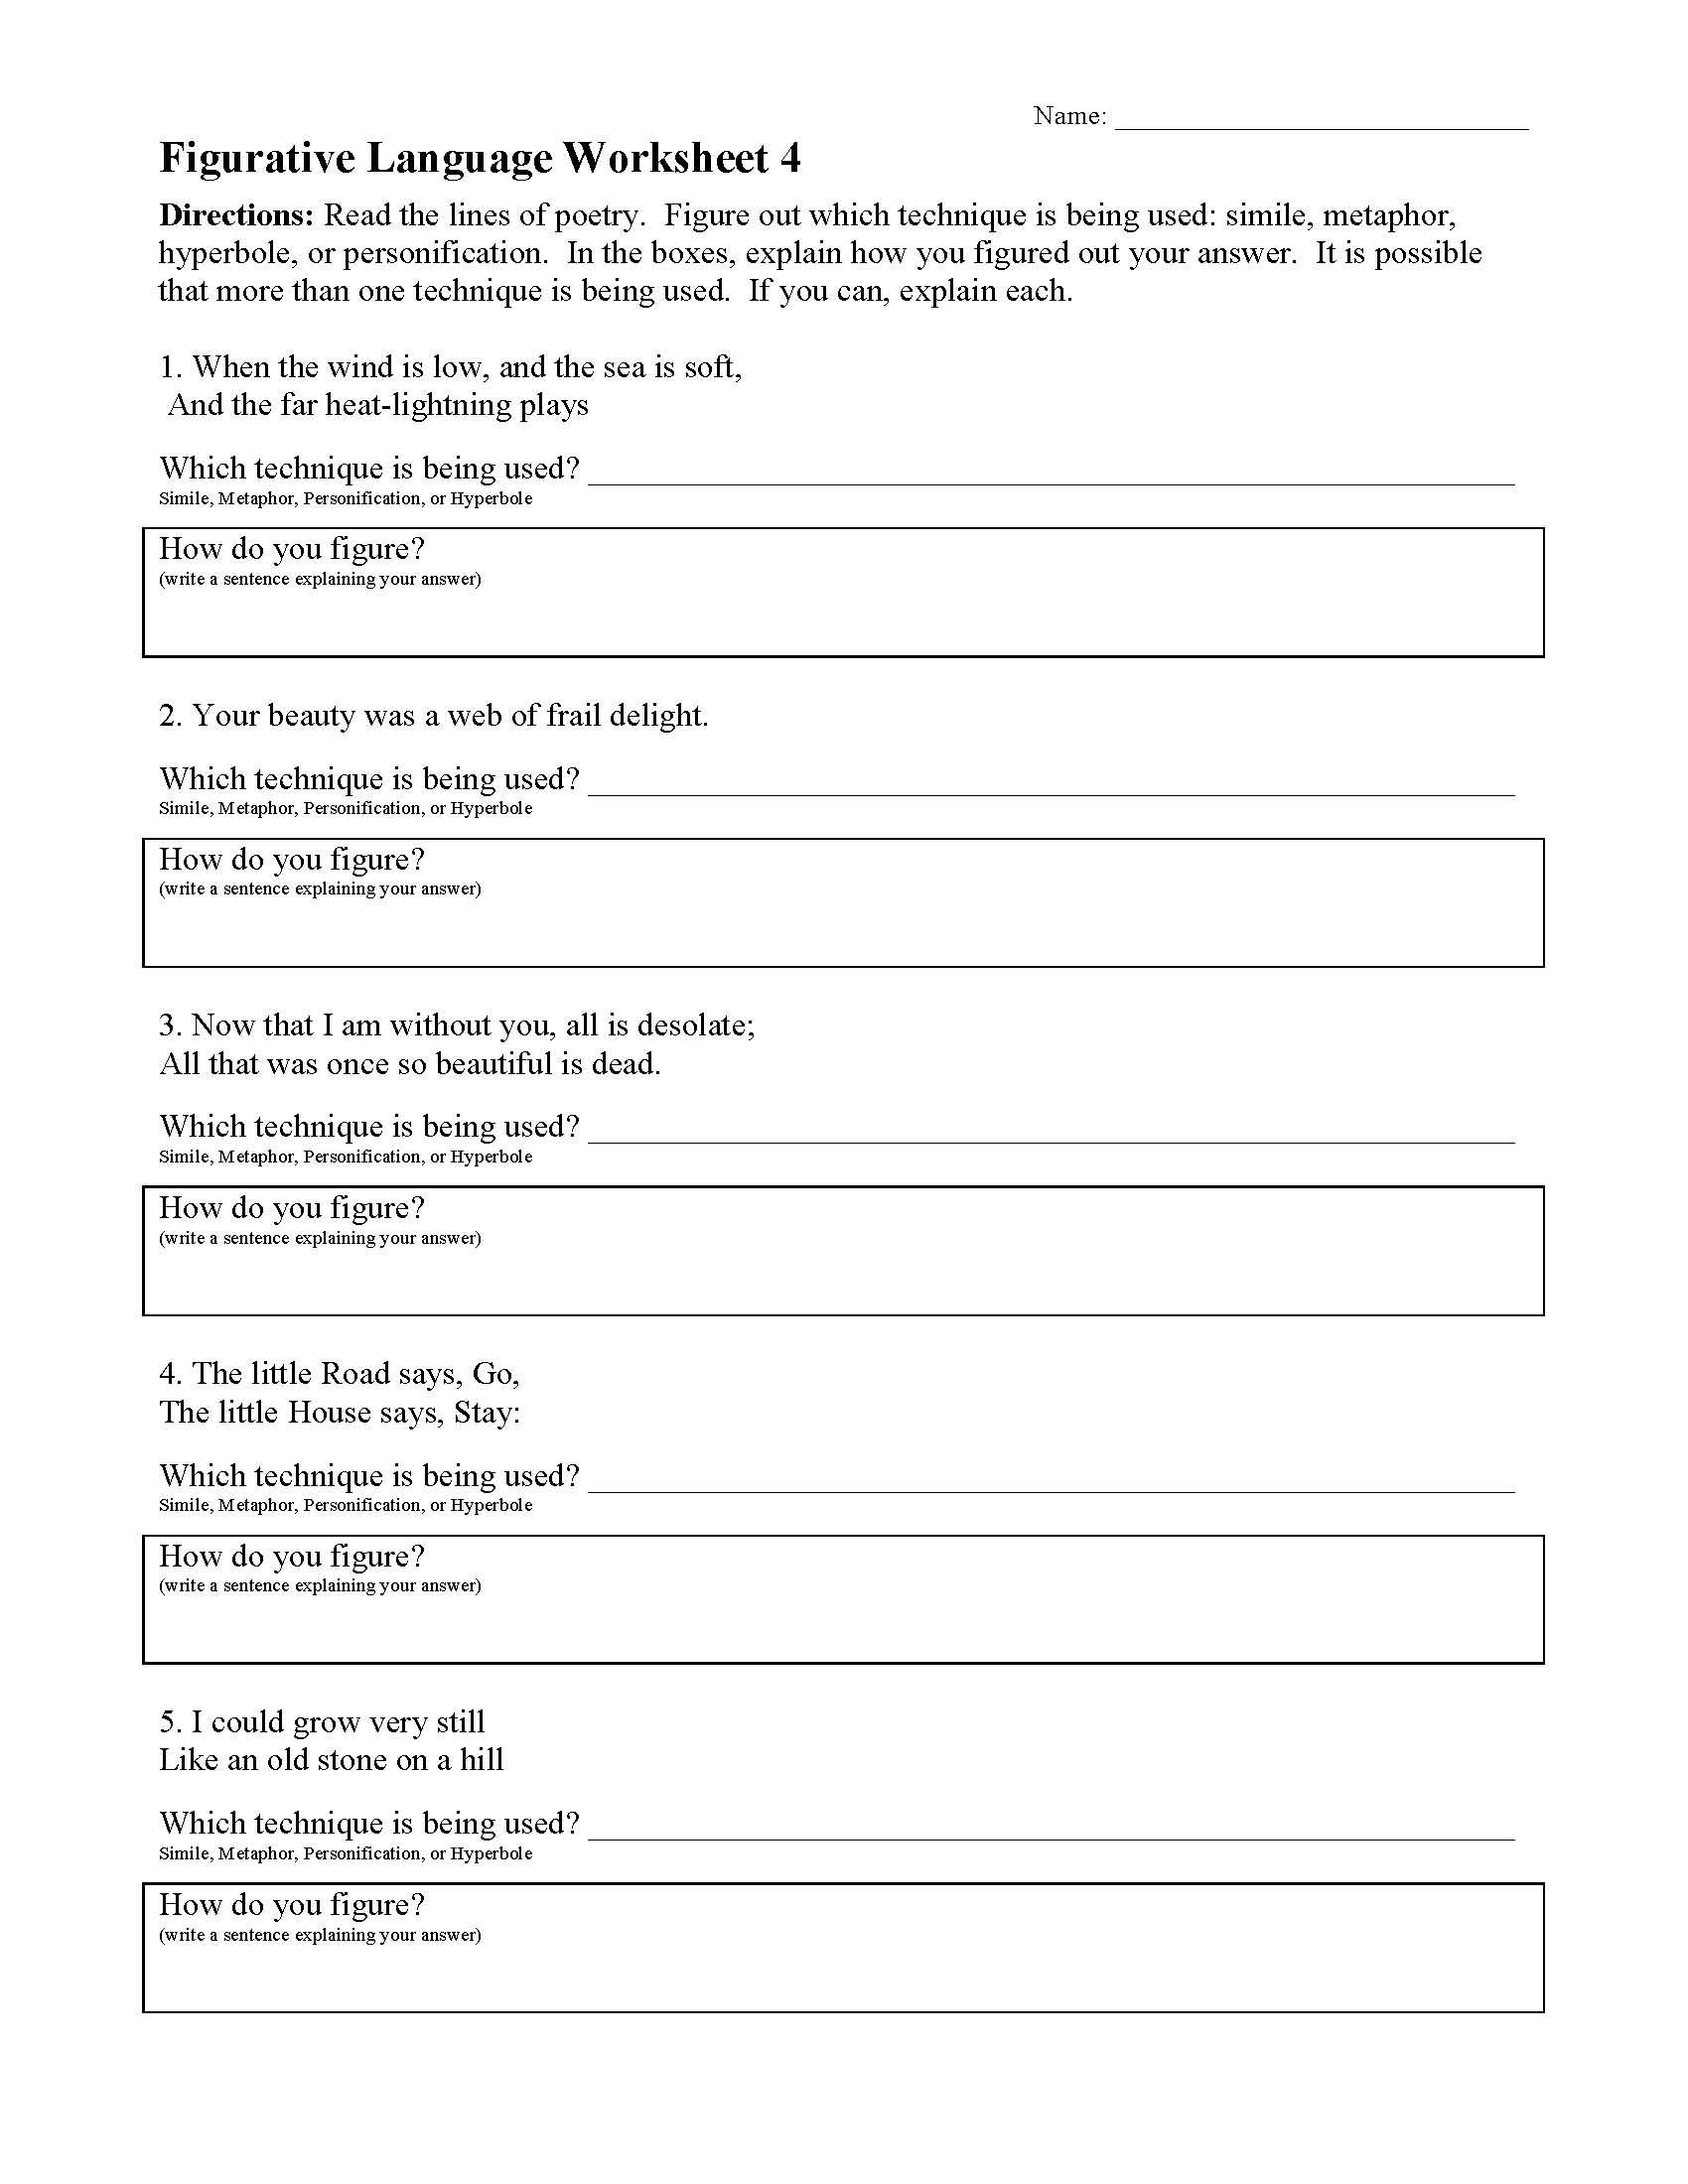 Figurative Language Worksheet 4